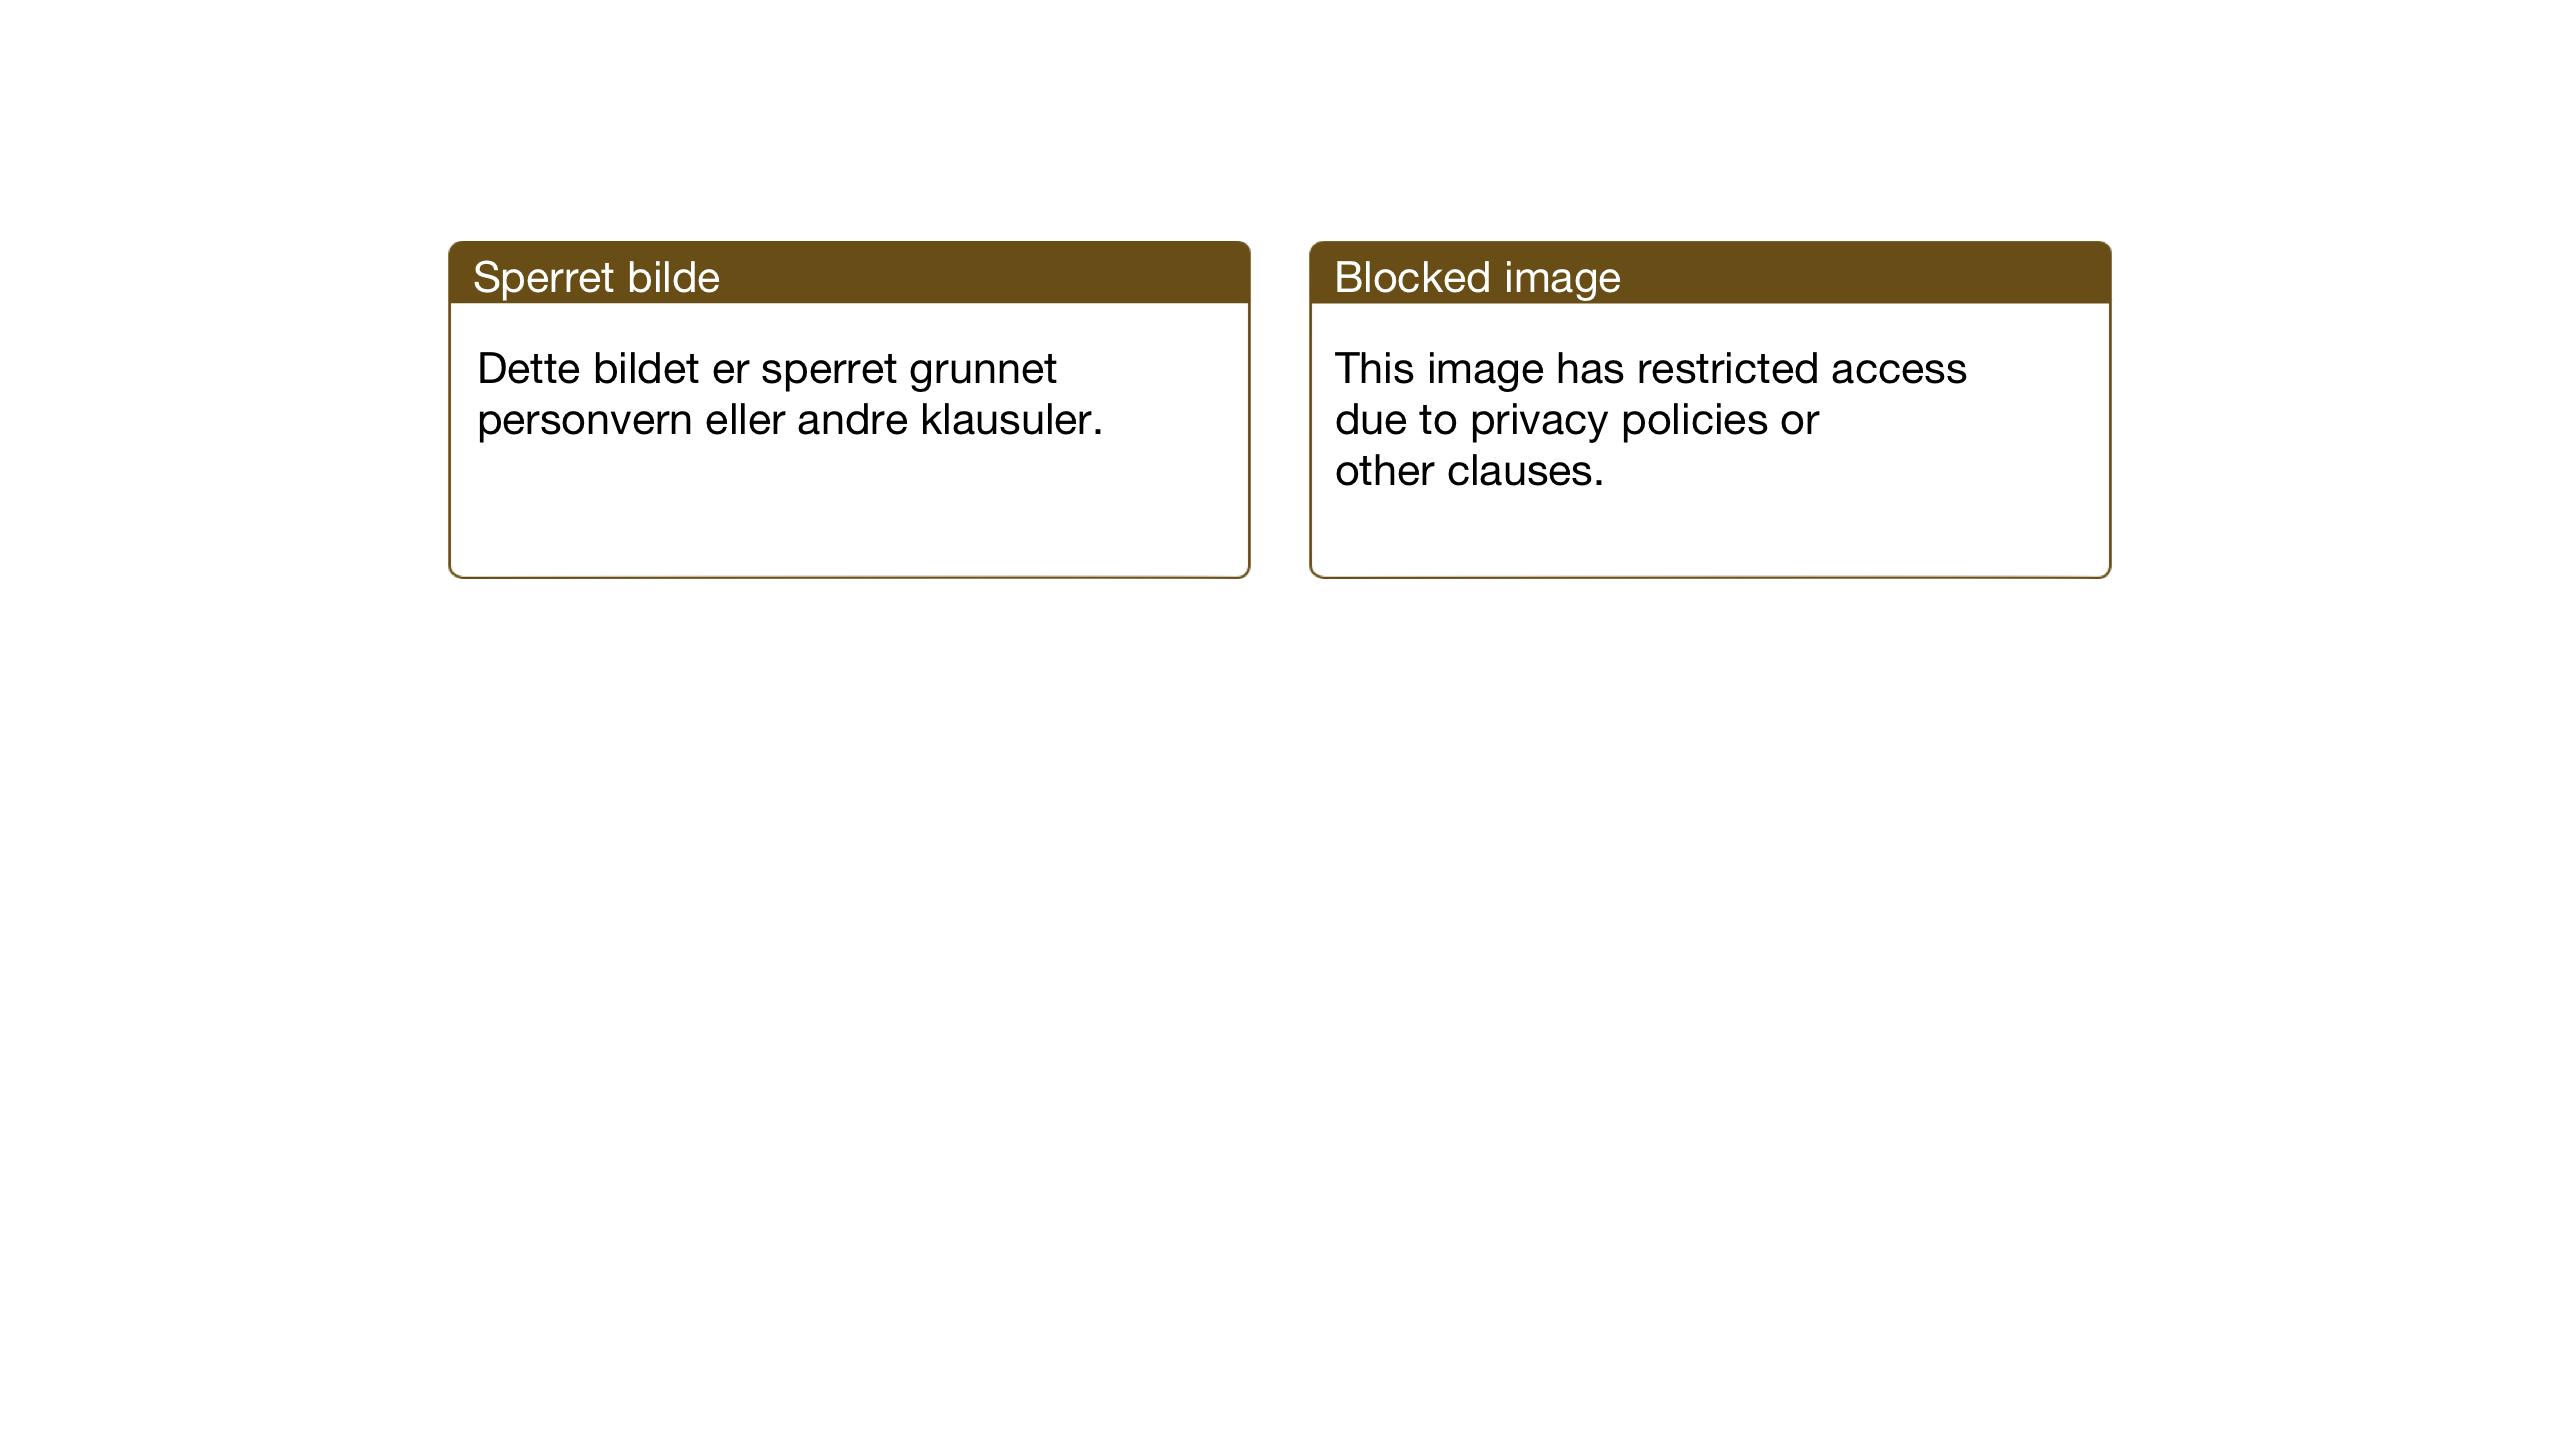 SAT, Ministerialprotokoller, klokkerbøker og fødselsregistre - Sør-Trøndelag, 656/L0696: Klokkerbok nr. 656C02, 1921-1937, s. 29